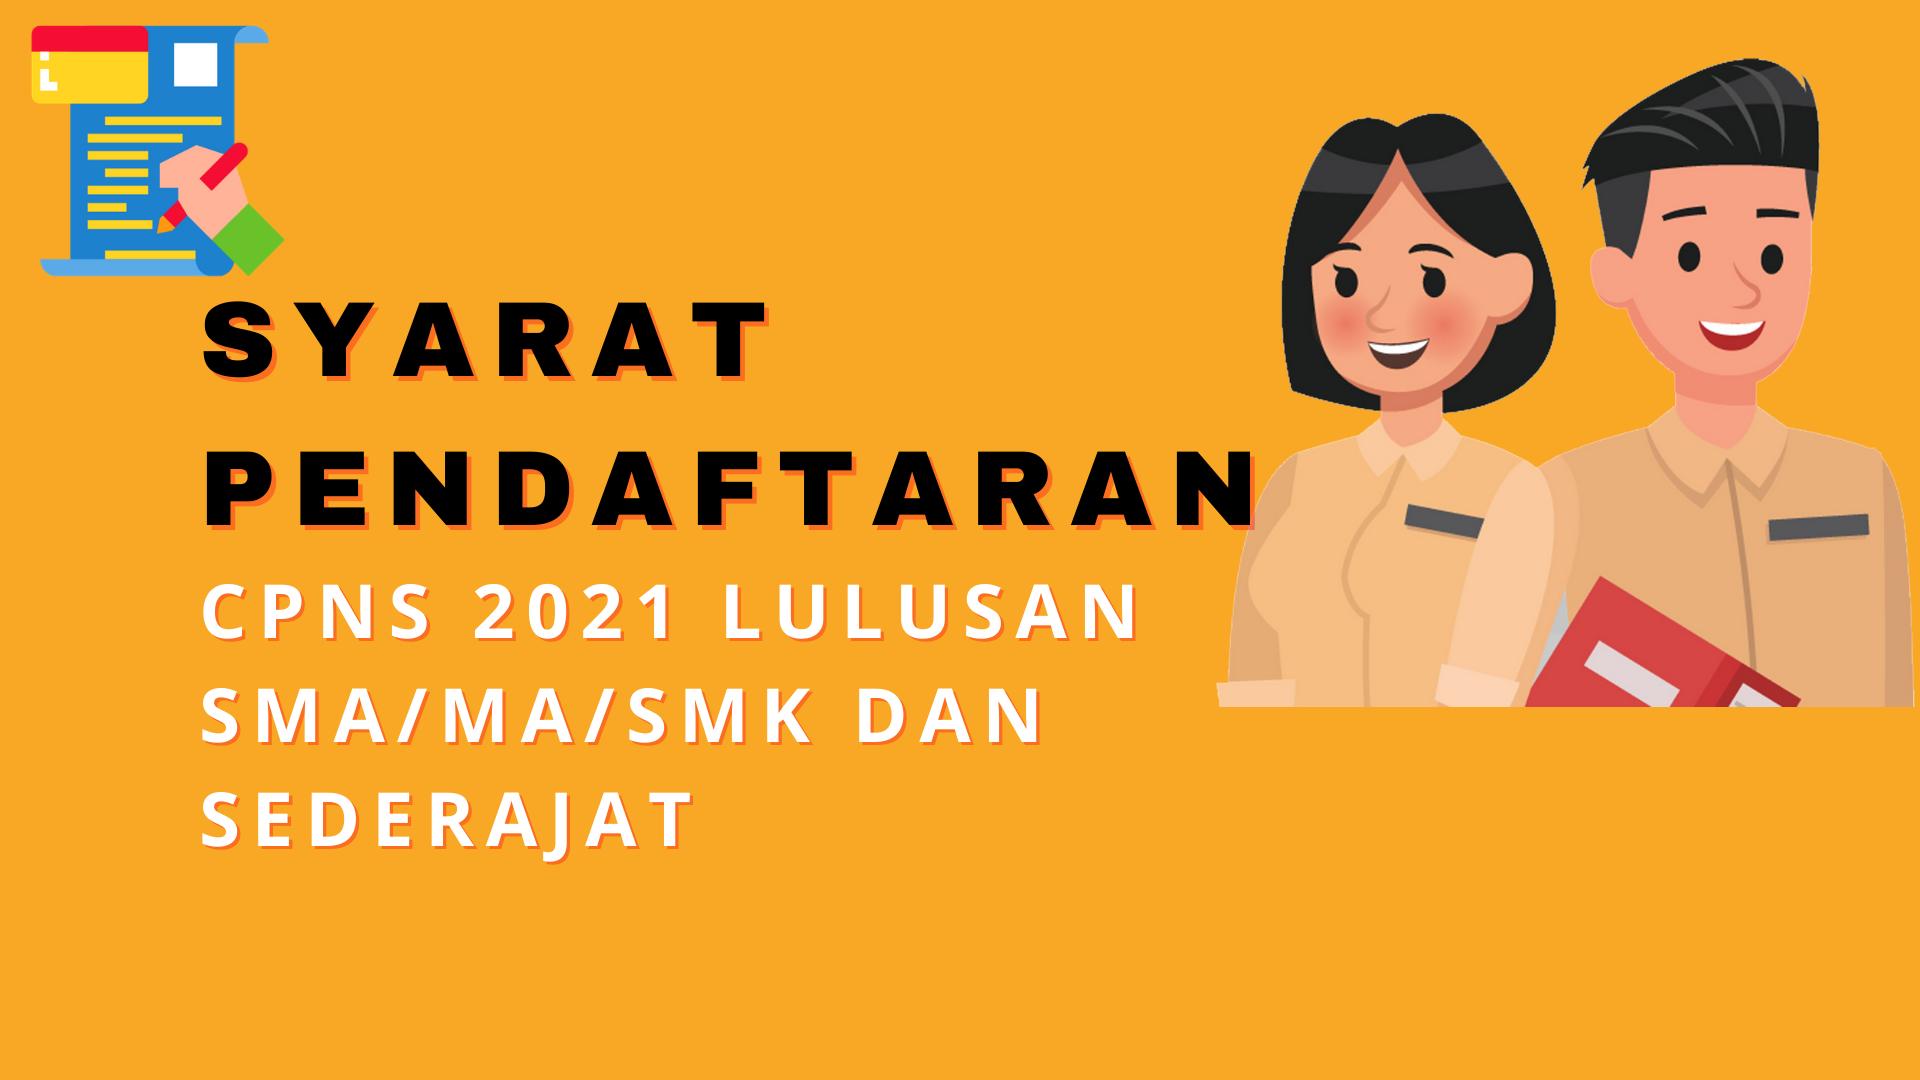 Syarat Pendaftaran CPNS 2021 Lulusan SMA/MA/SMK dan ...